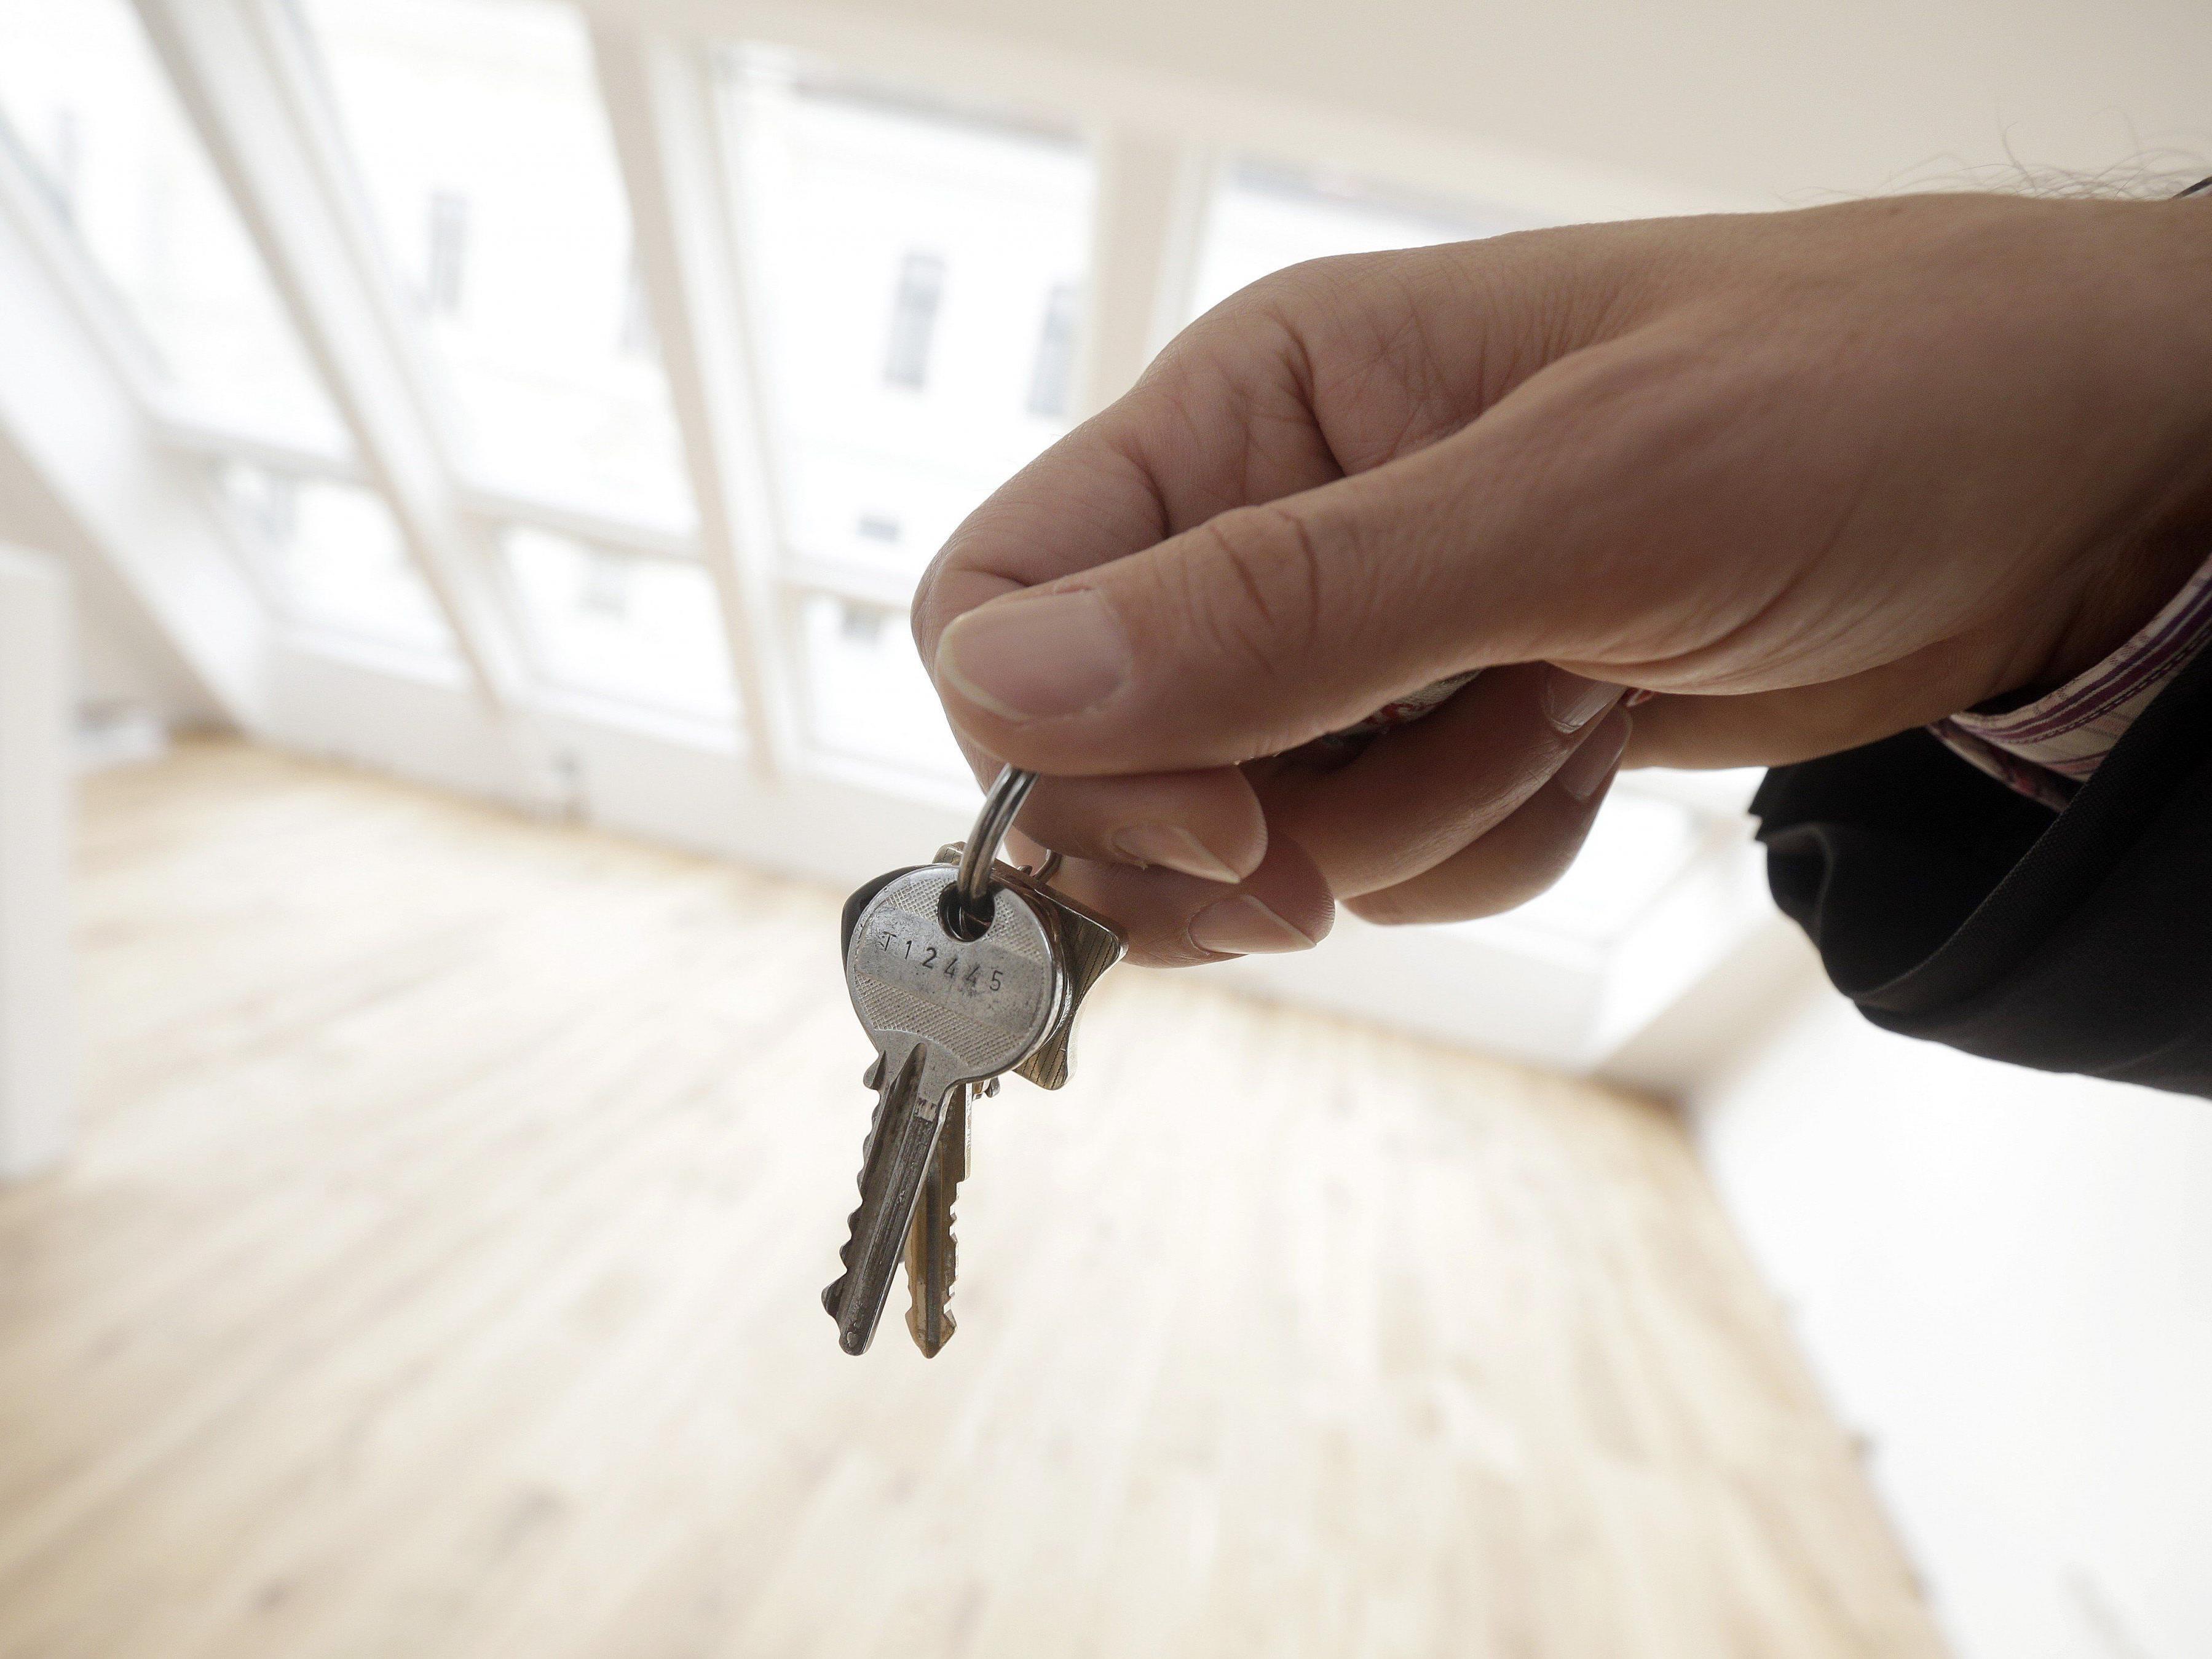 Leere Wohnungen: Experte hält Strafsteuer für kontraproduktiv, LH Wallner und FPÖ ebenfalls.